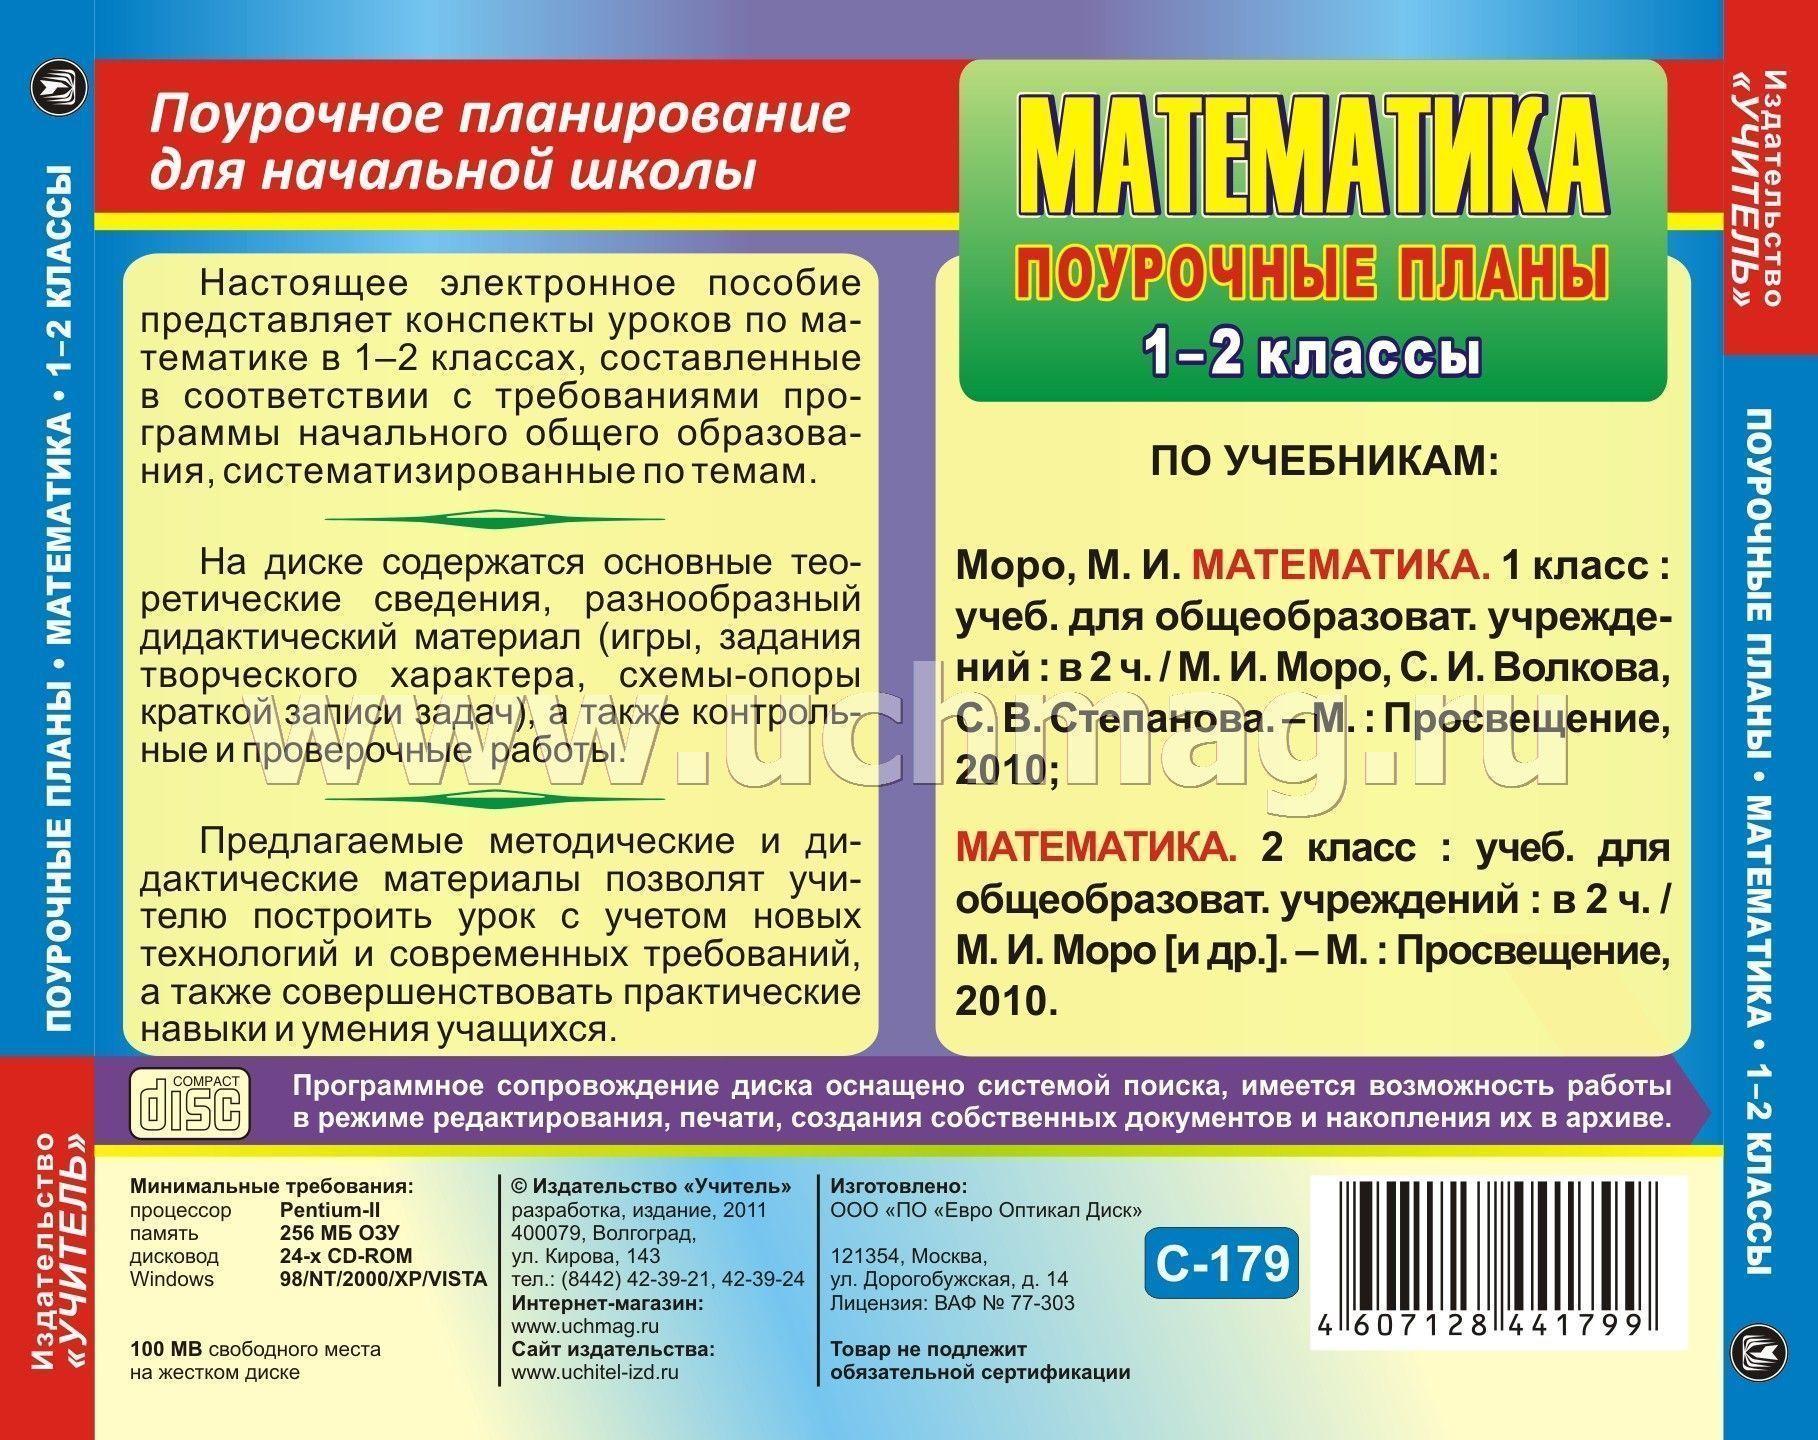 Агентство спорта приказы казахстана